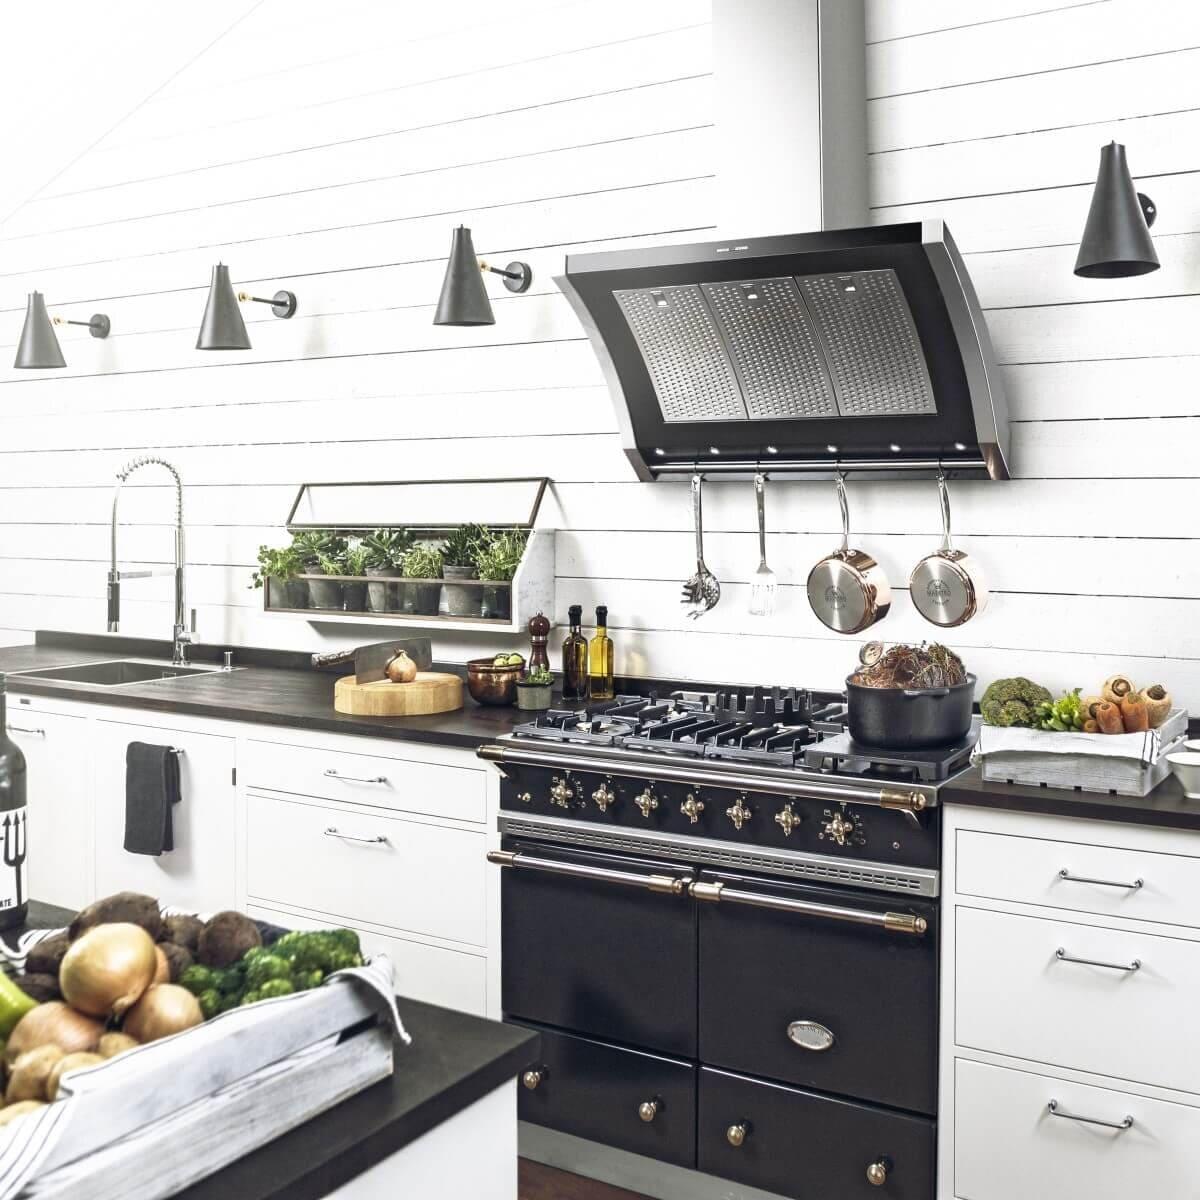 Vägghängda köksfläkten Rustik i svart utförande i lantlig köksmiljö med redskap i redskapsstång.